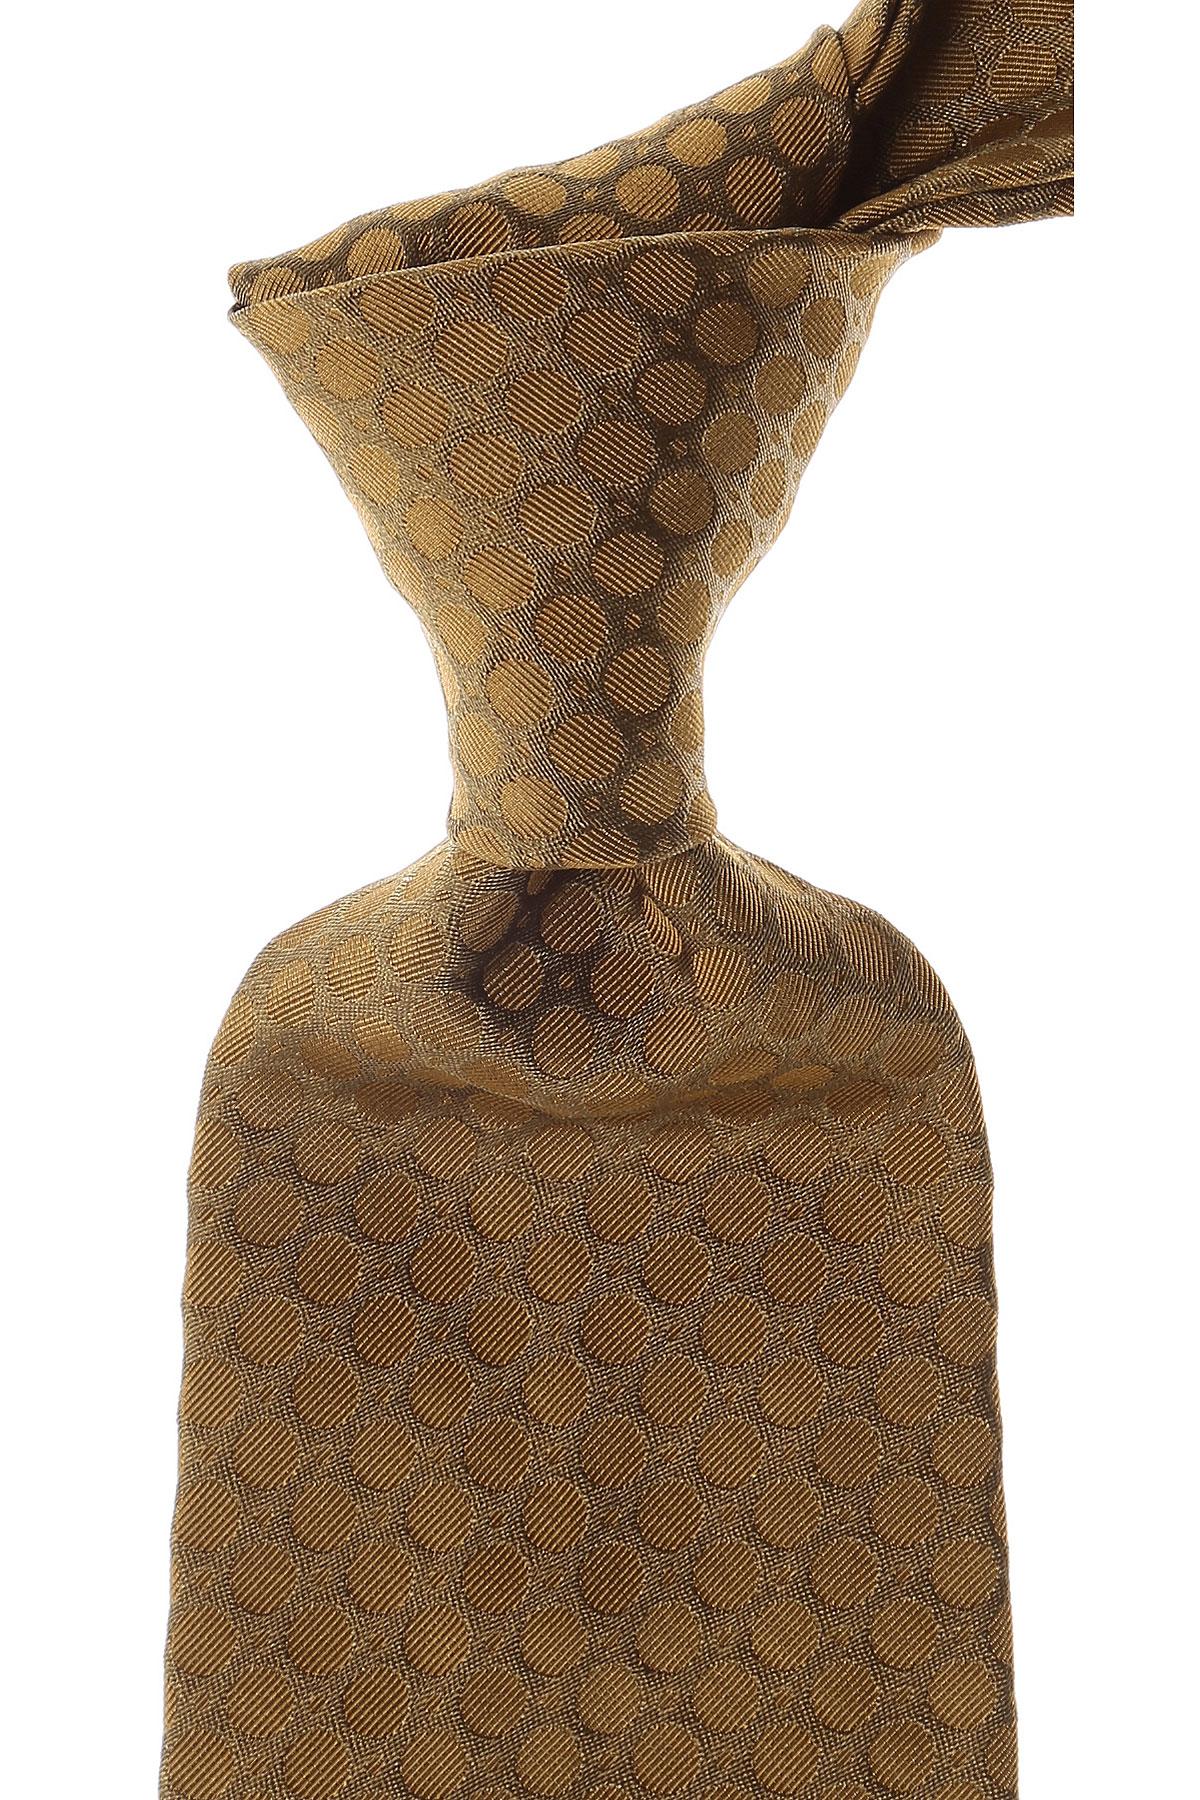 Moschino Cravates Pas cher en Soldes, Vert boueux, Soie, 2021